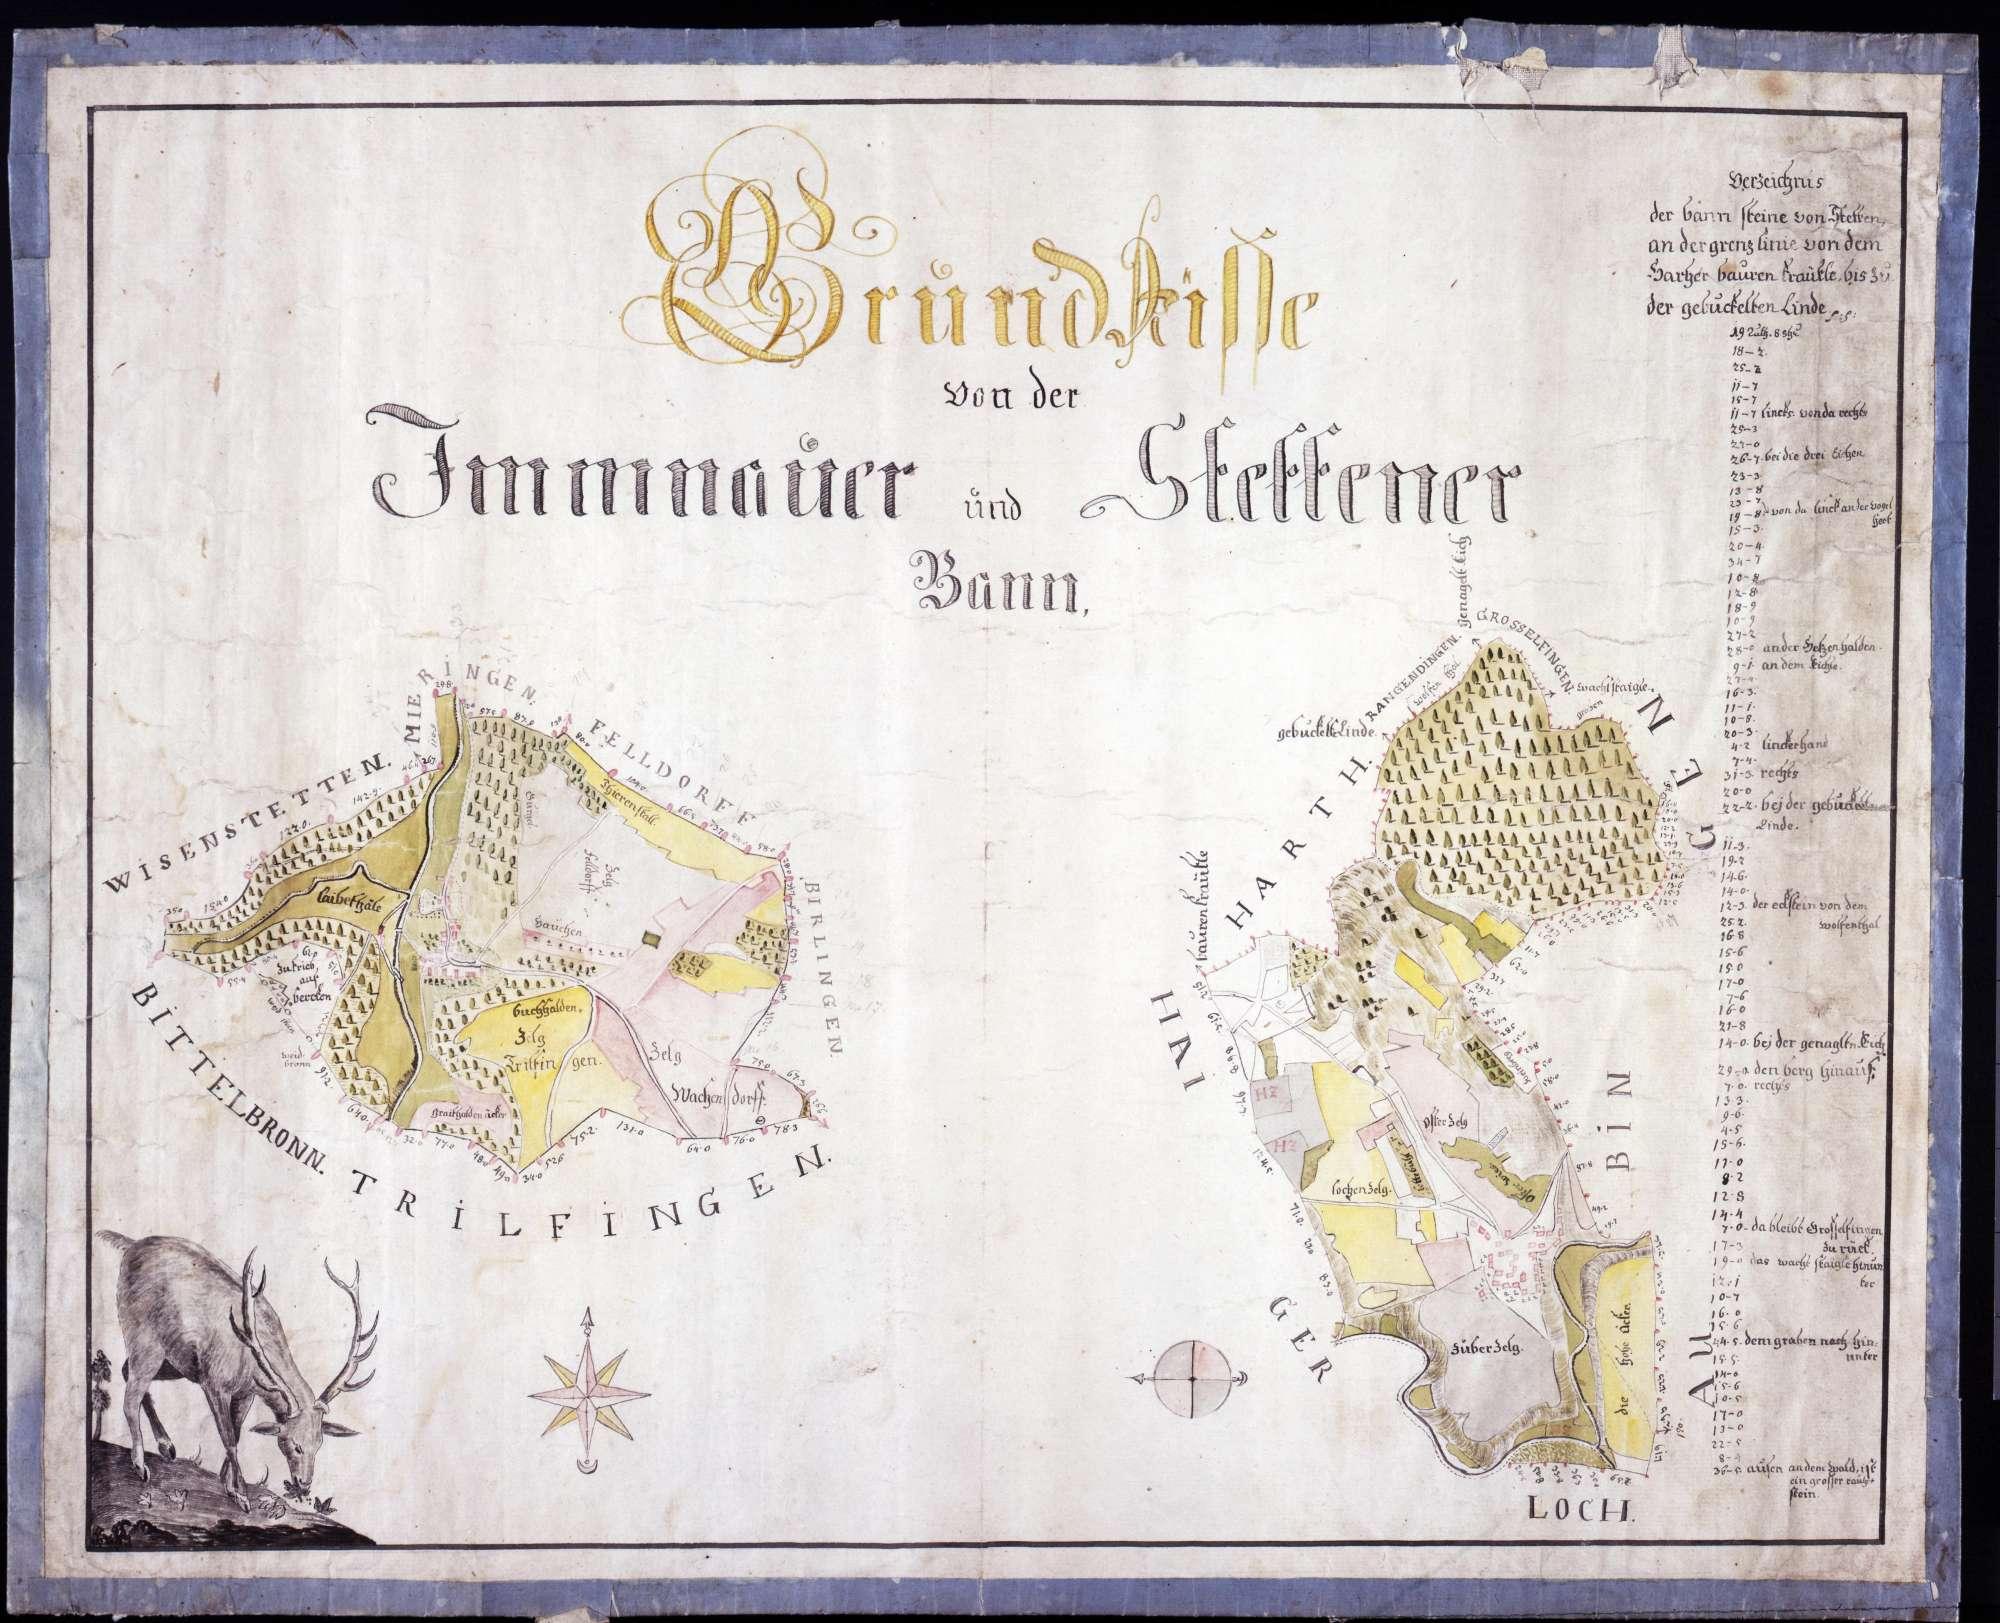 Grundrisse von der Imnauer und Stettener Bann, Bild 1